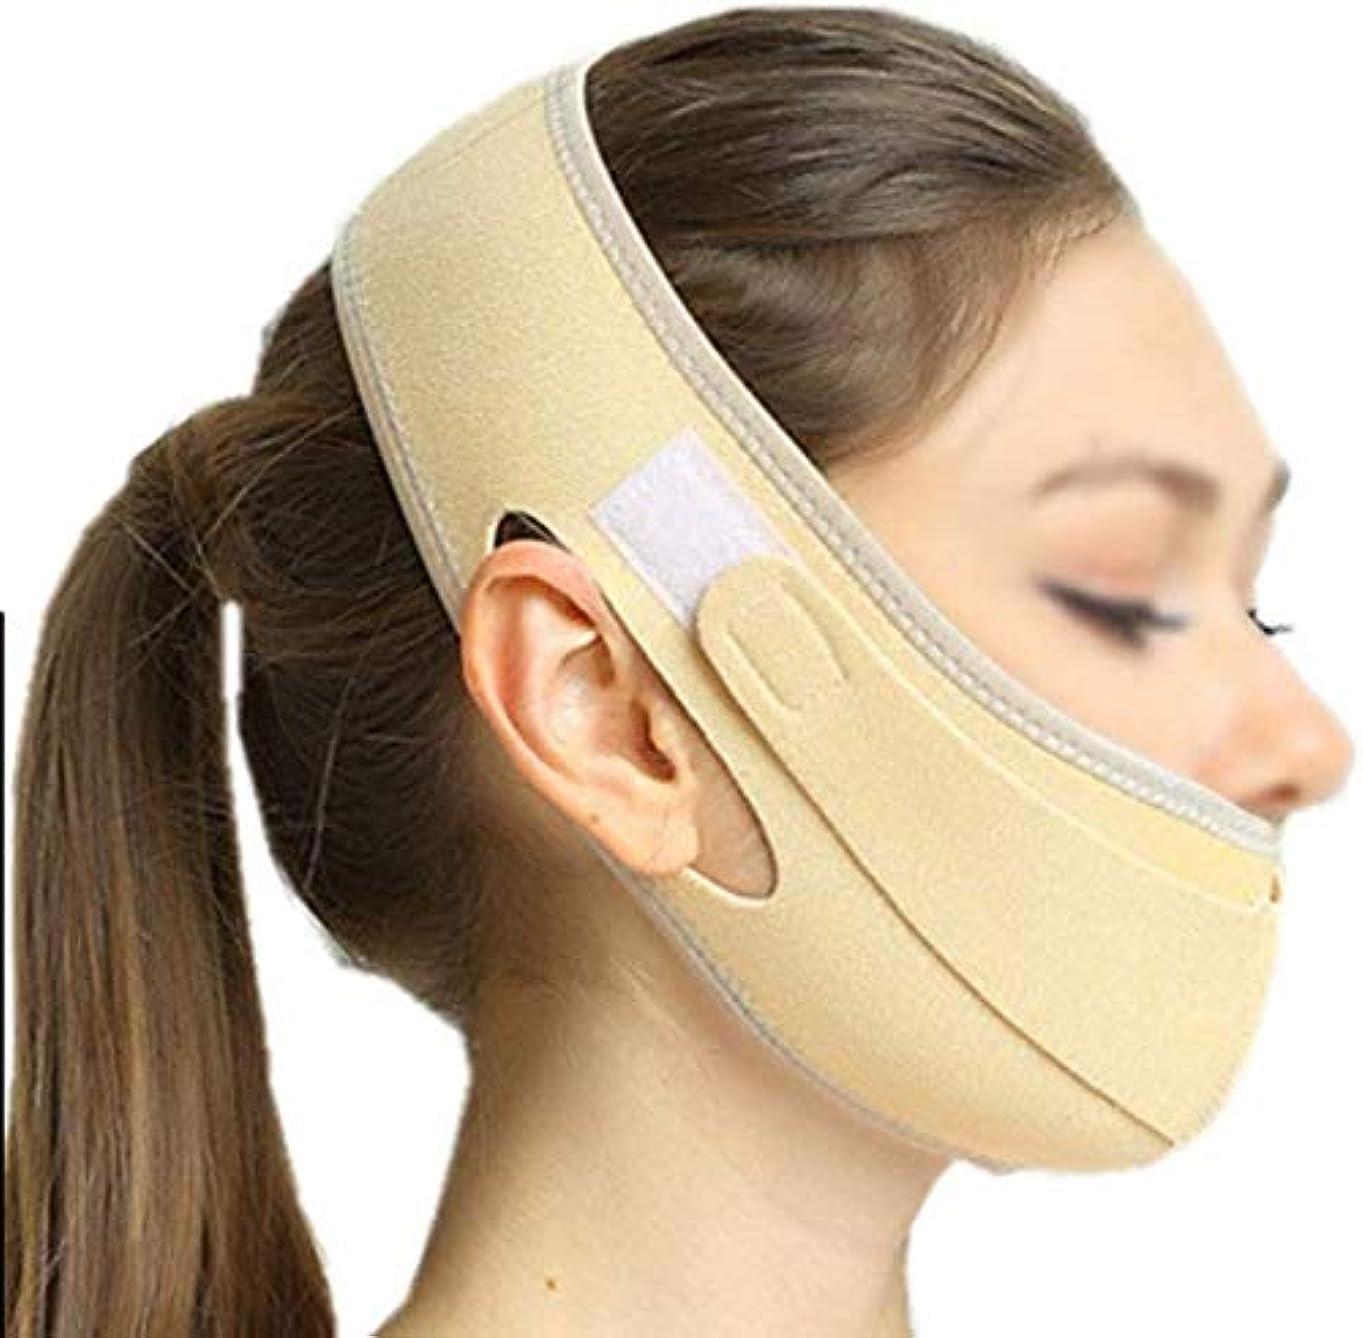 マチュピチュ海港貧困美容と実用的なフェイスリフトマスク、化粧品回復マスク、薄いダブルチンリフティングスキンで小さなVフェイスバンデージを作成